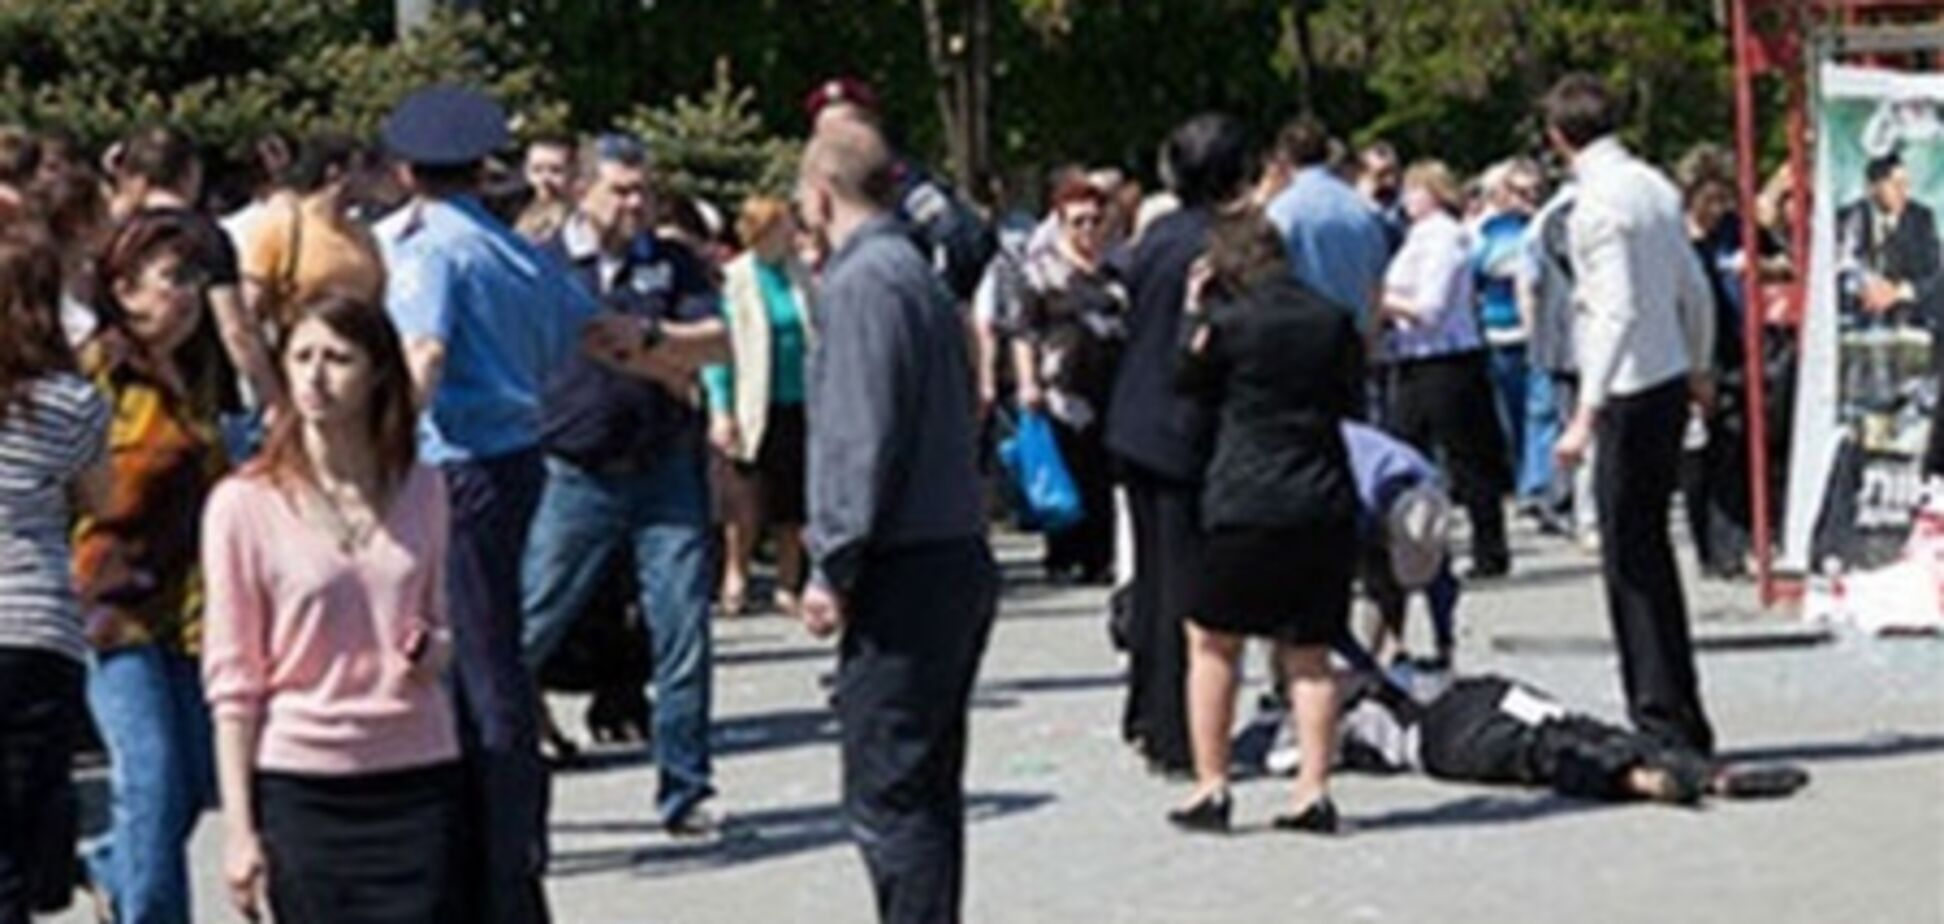 Местные власти тоже обещают 2 млн за информацию о днепропетровских террористах